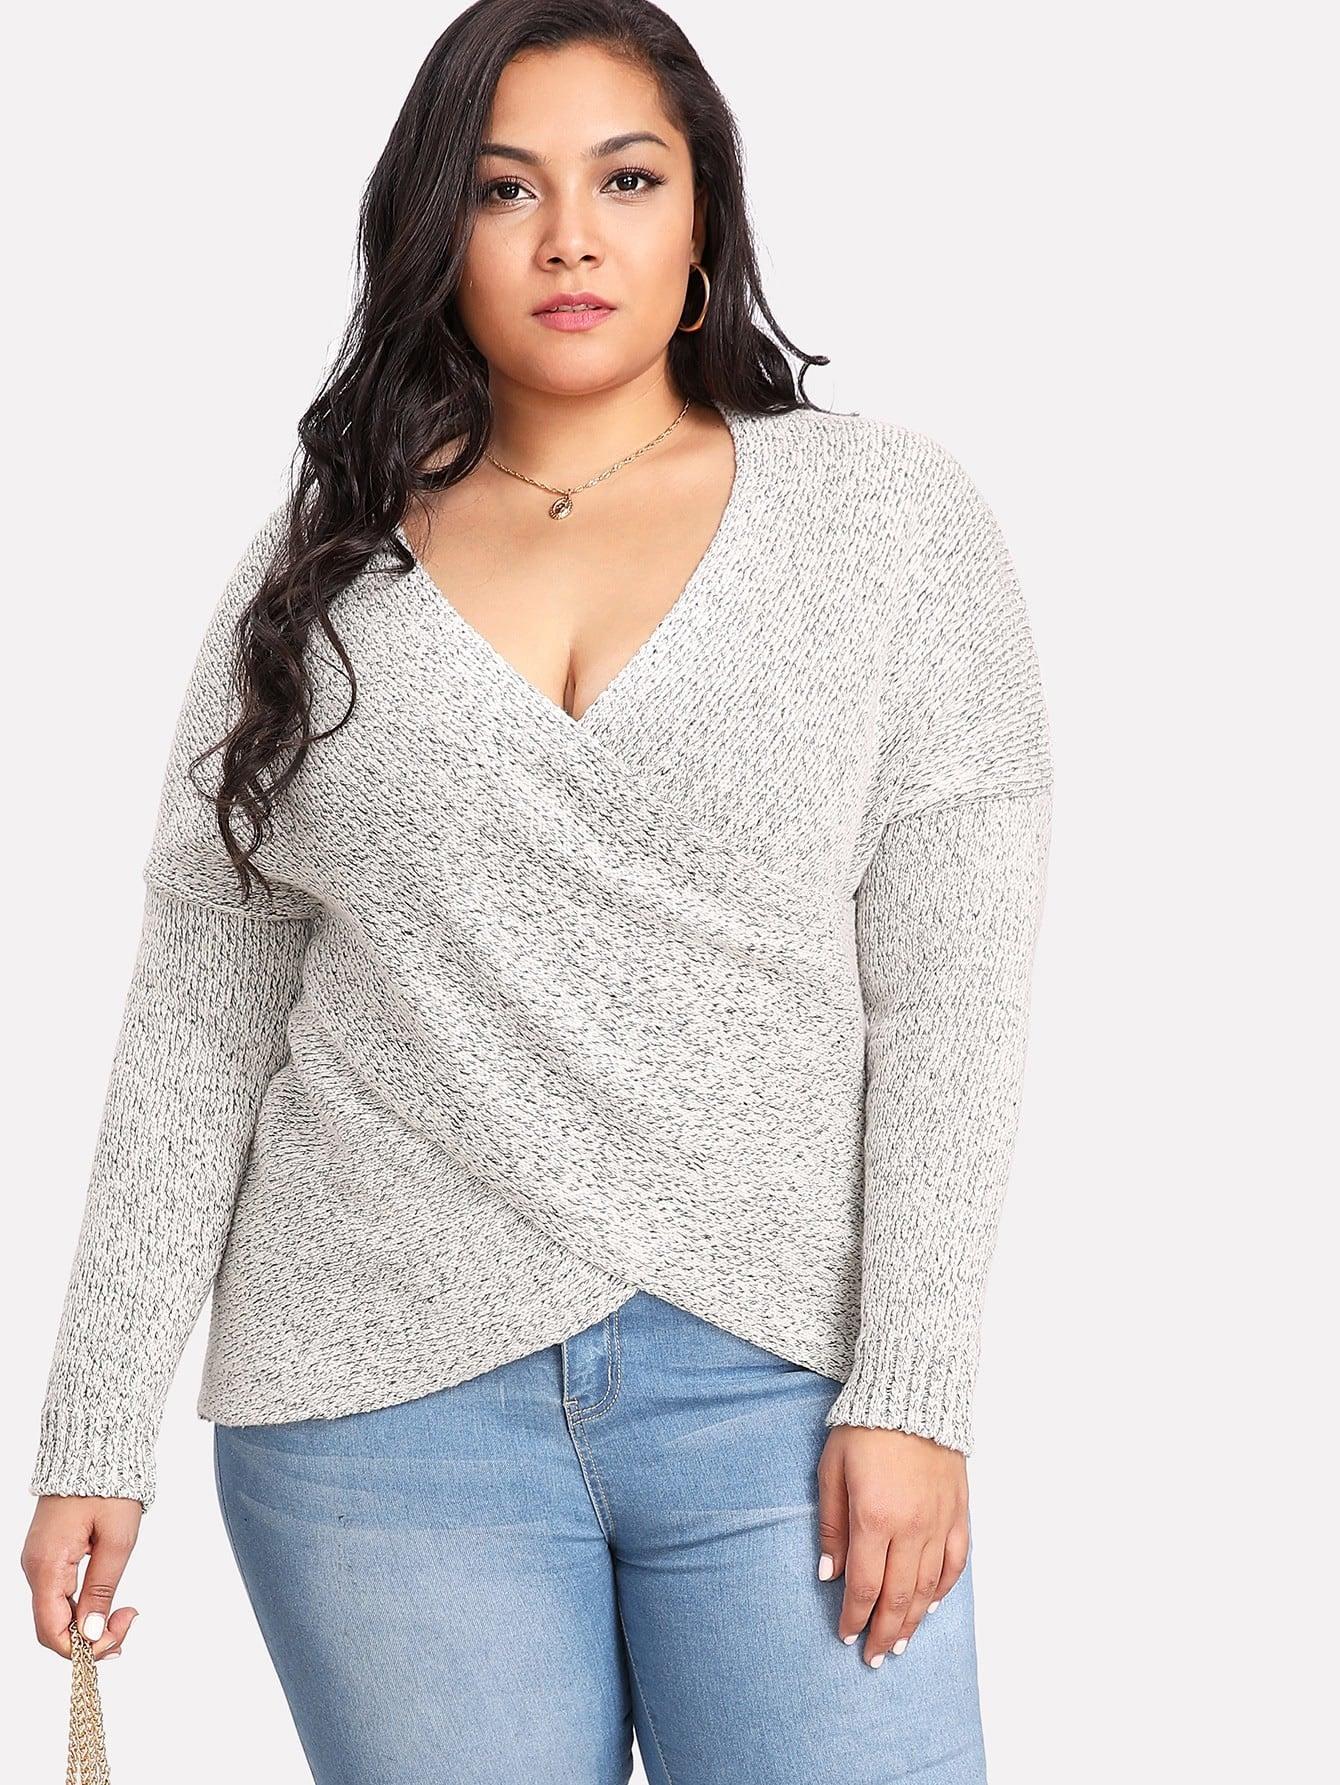 Deep V Neckline Drop Shoulder Knit Sweater drop shoulder marled knit sweater